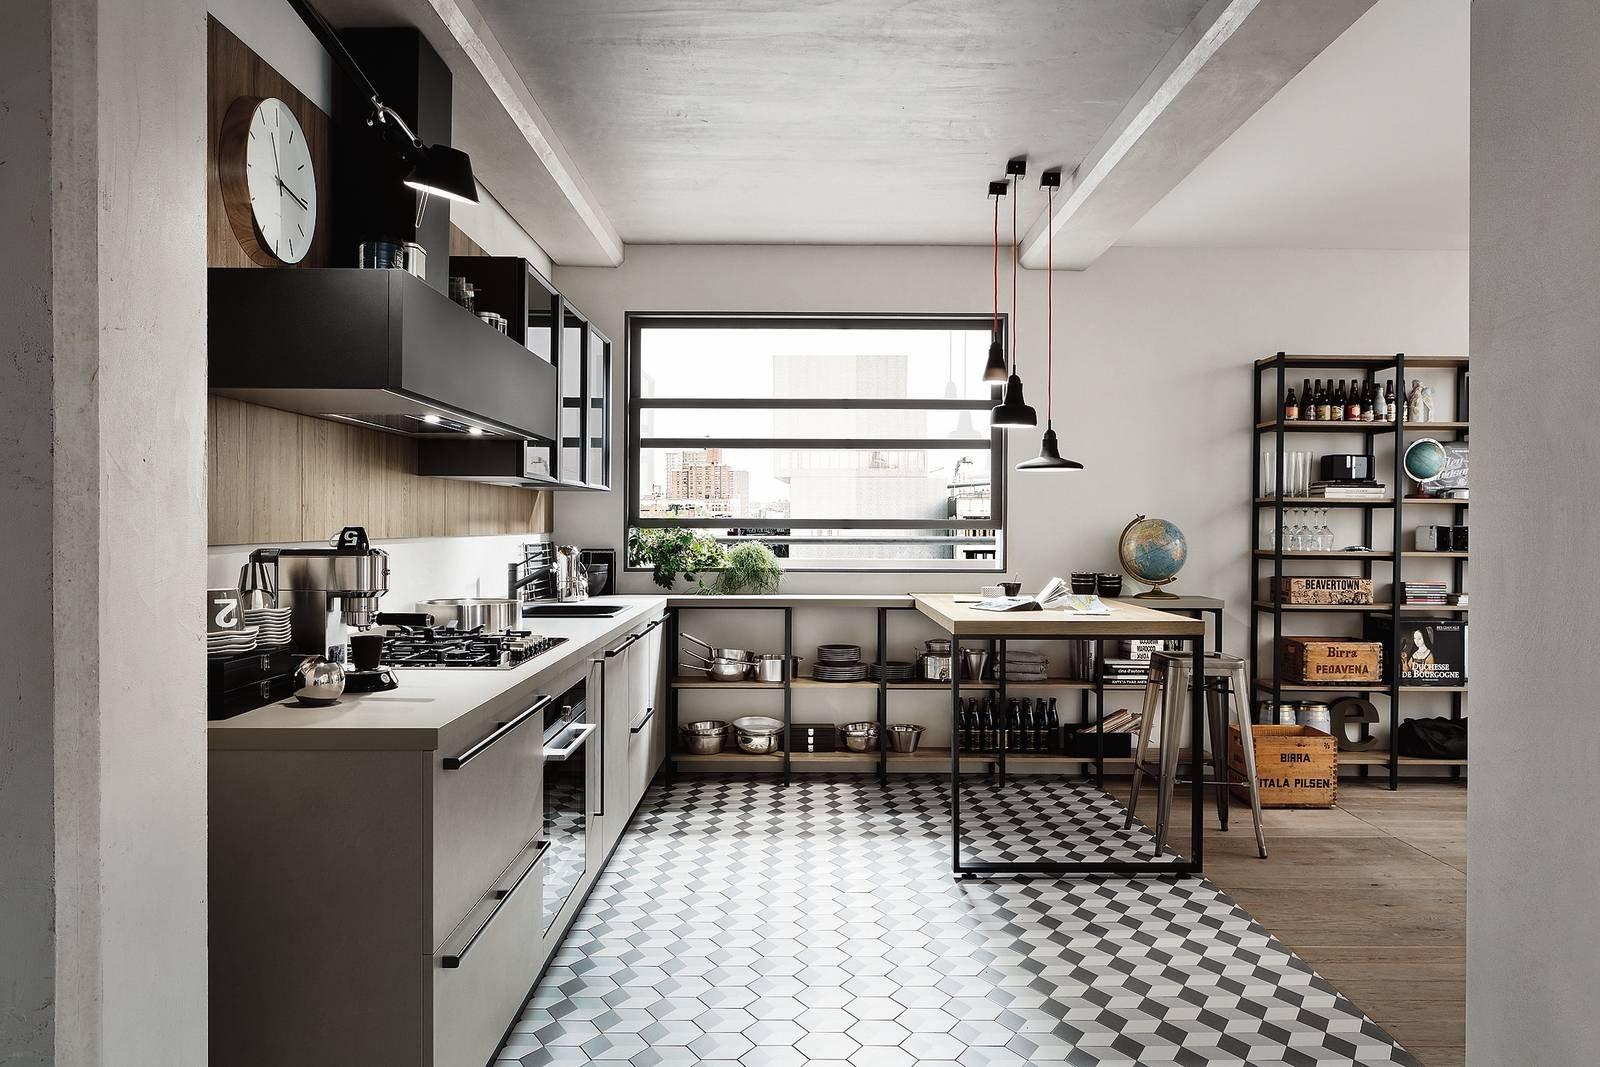 Cucine dal carattere deciso per atmosfere industrial style cose di casa - Cucine urban style ...